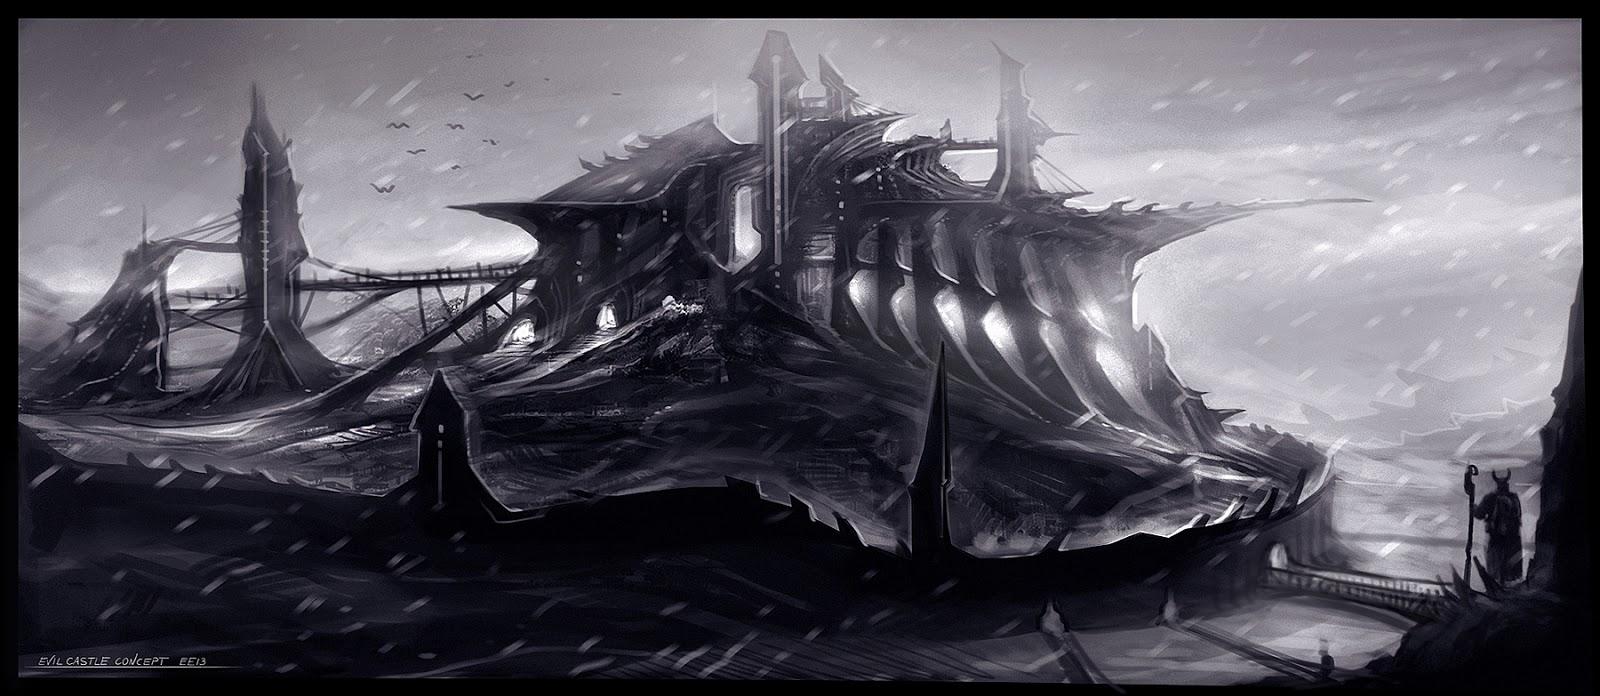 evil+castle+concept.jpg